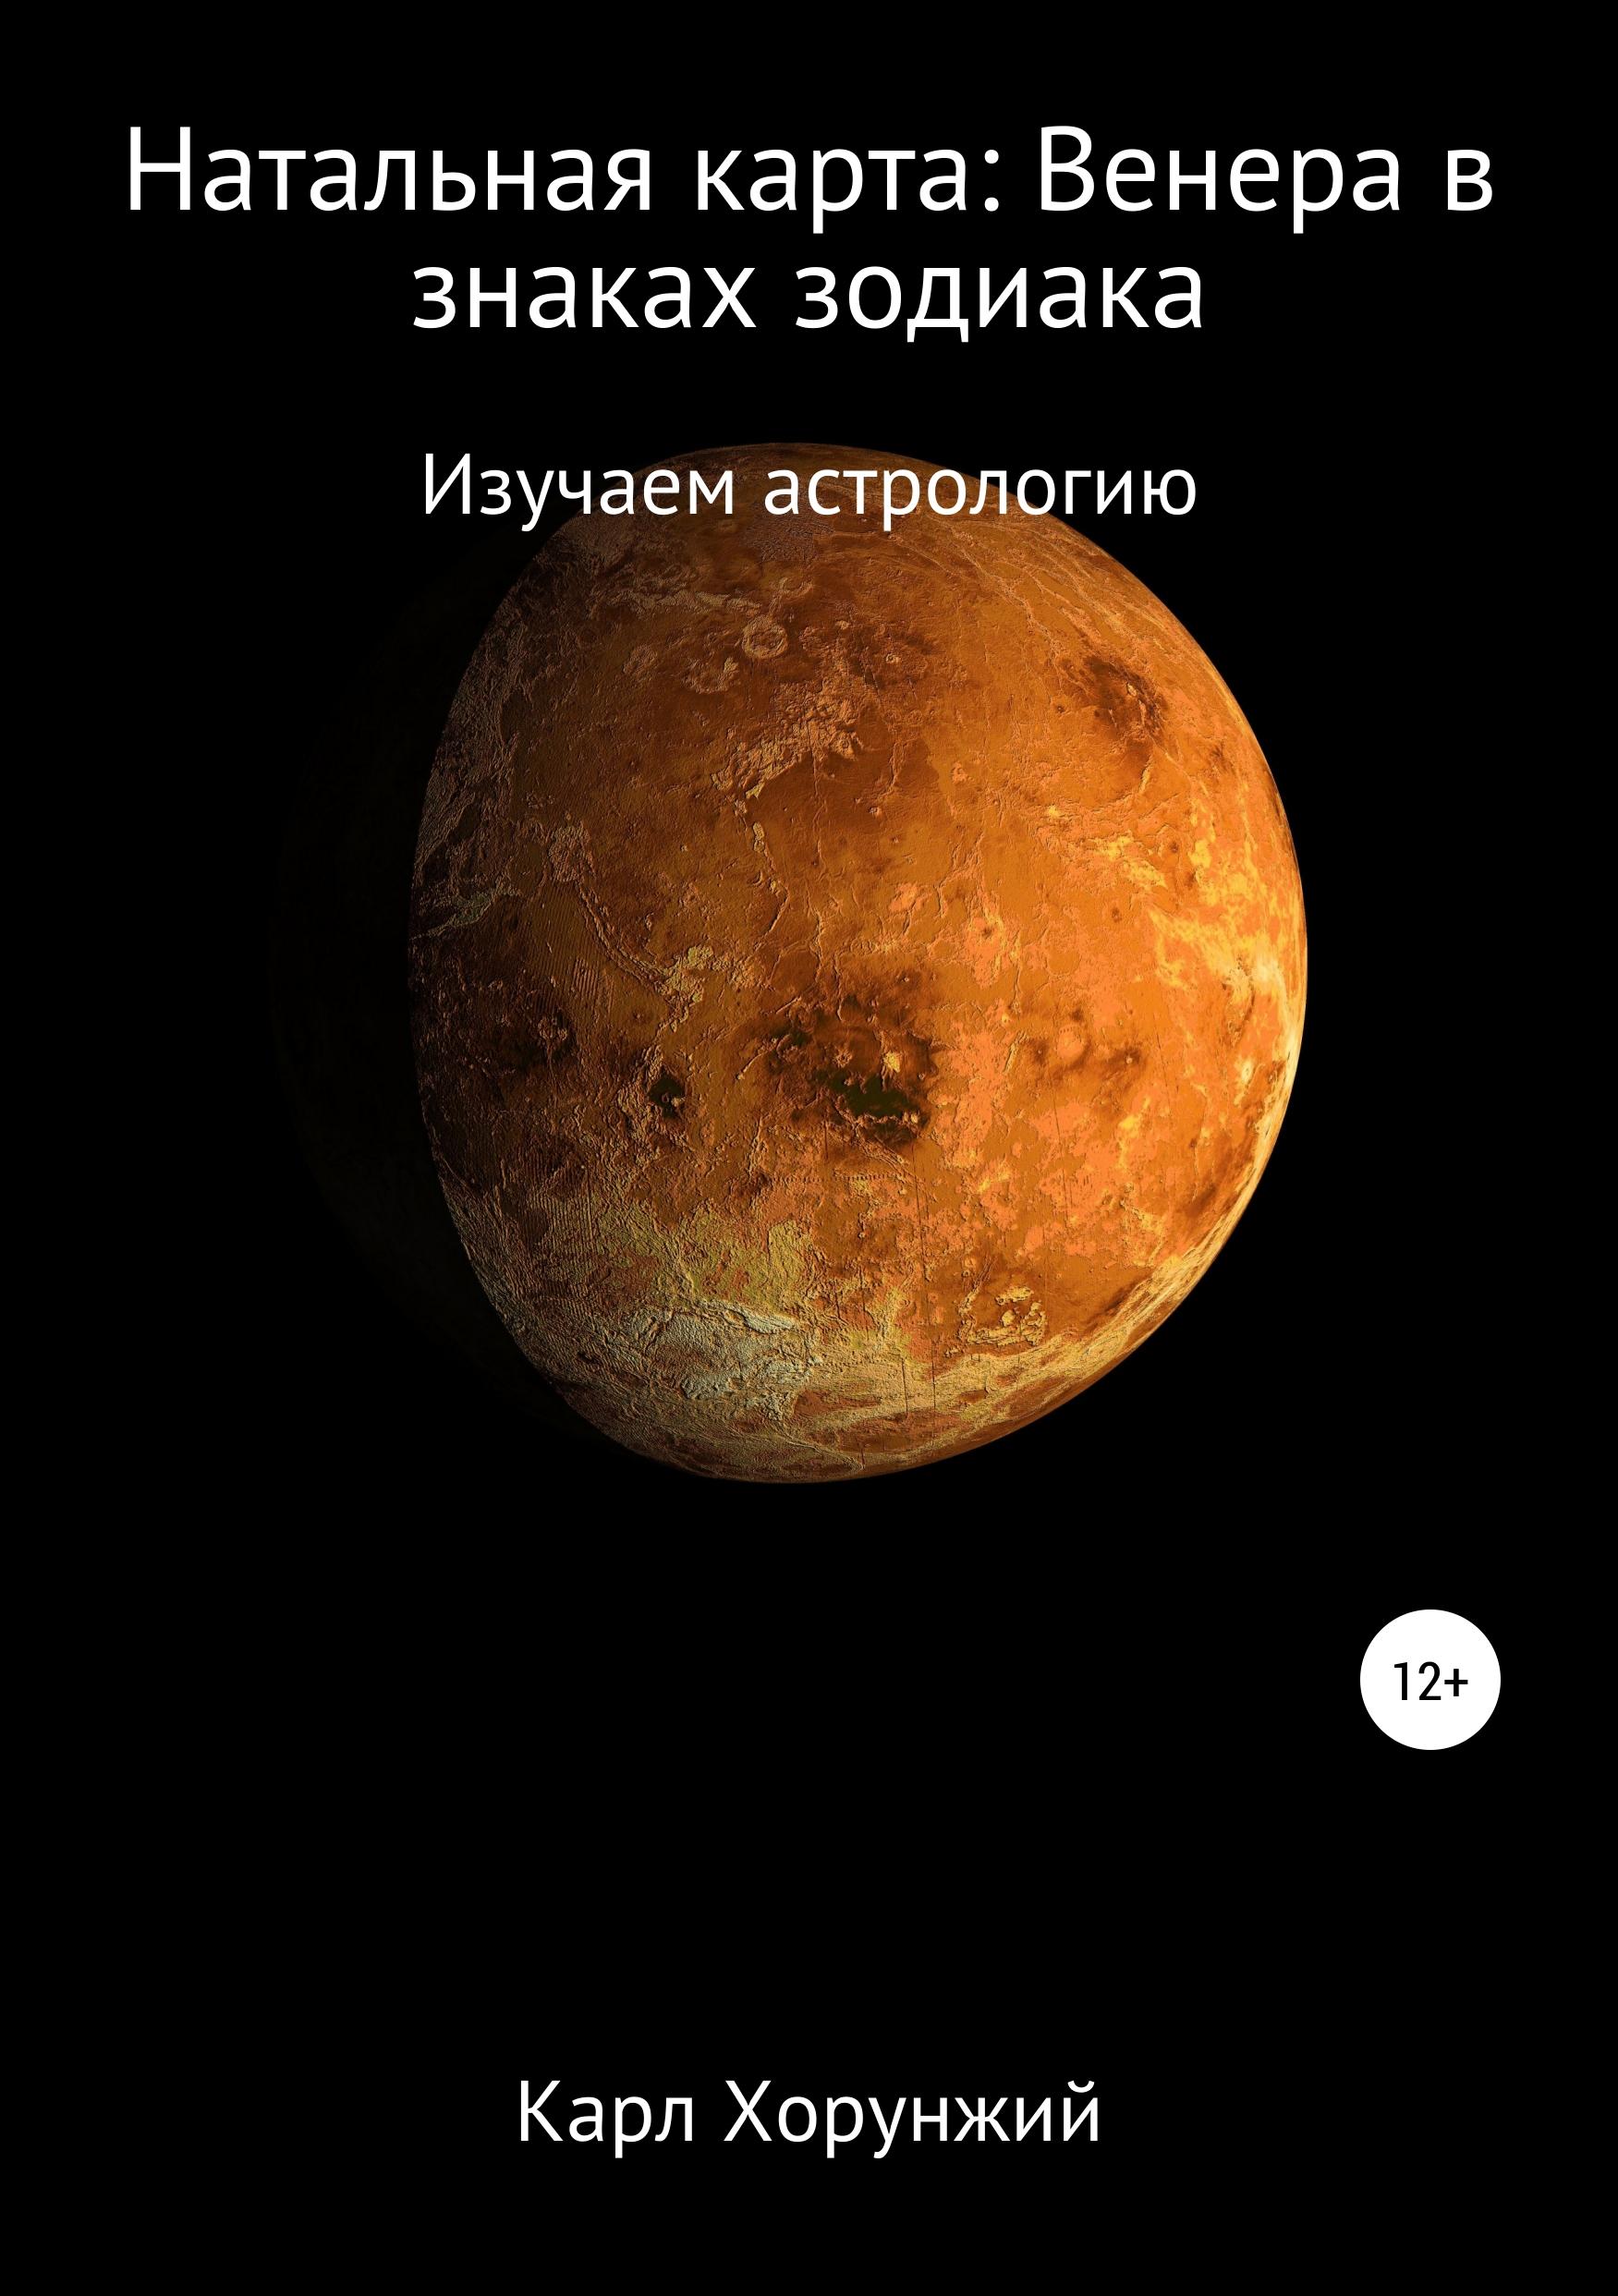 Купить книгу Натальная карта: Венера в знаках зодиака, автора Карла Альбертовича Хорунжего